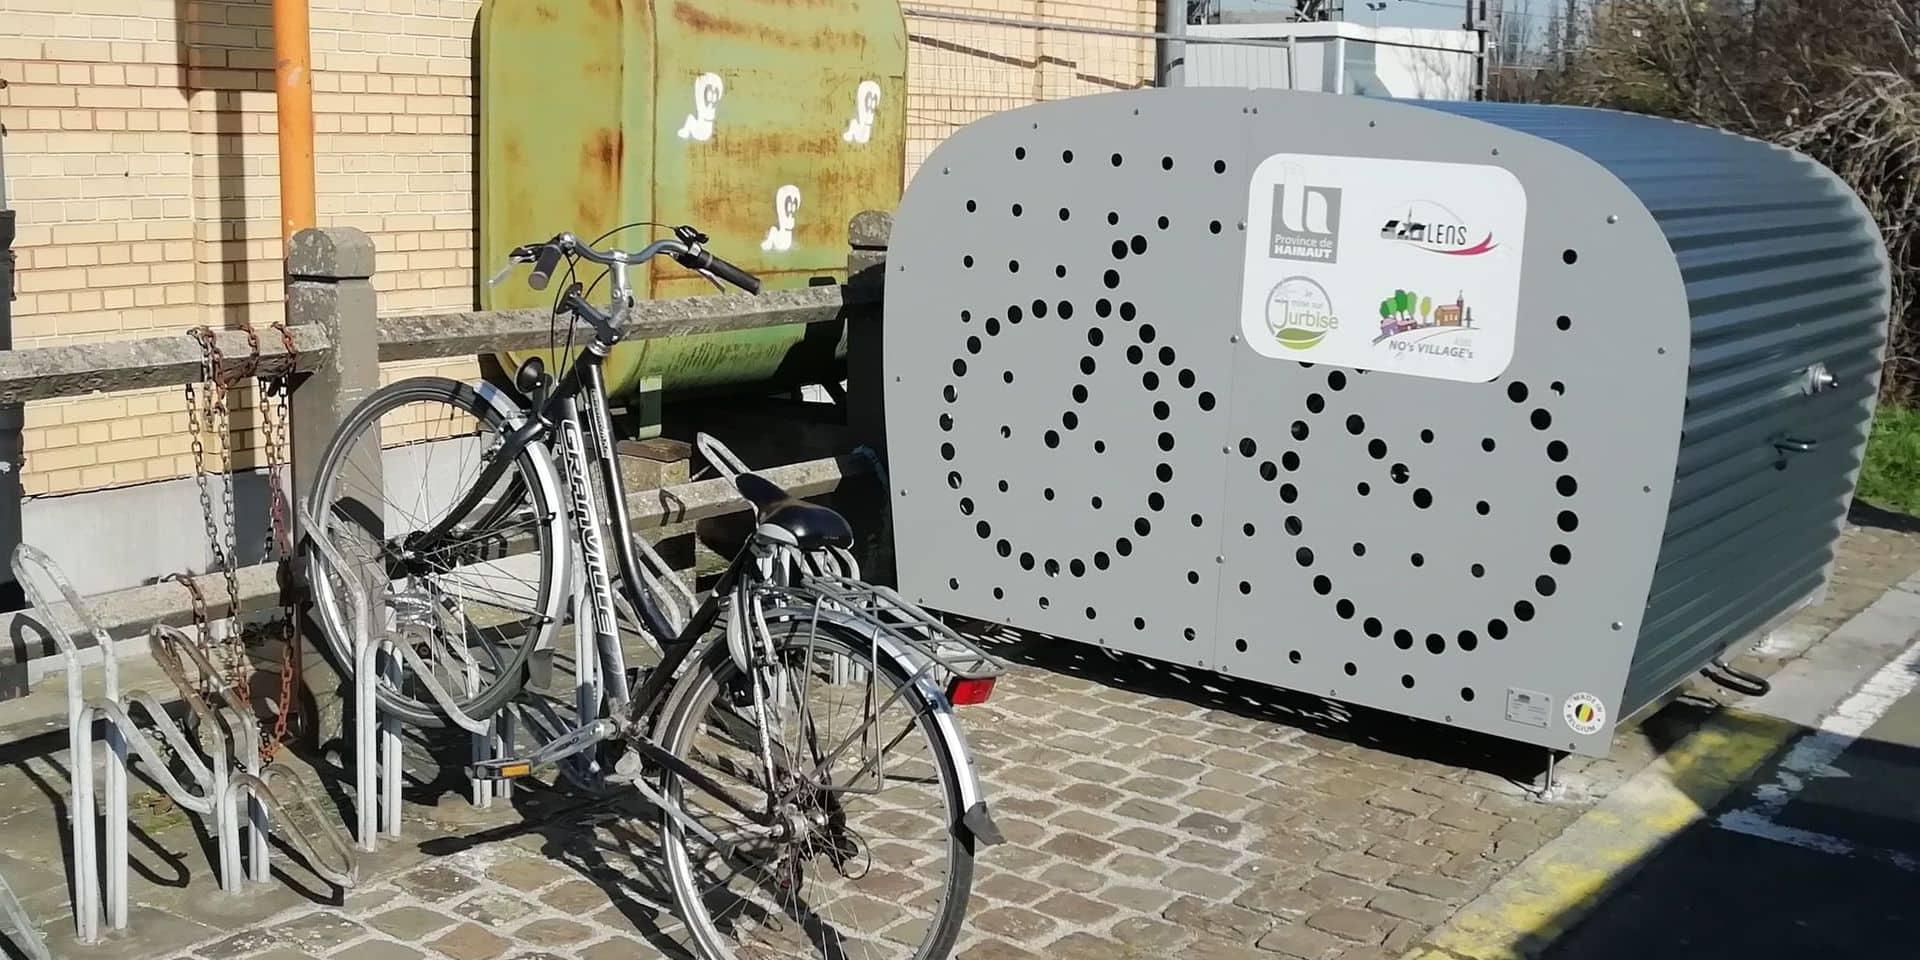 Jurbise et Lens s'engagent en faveur de la mobilité douce